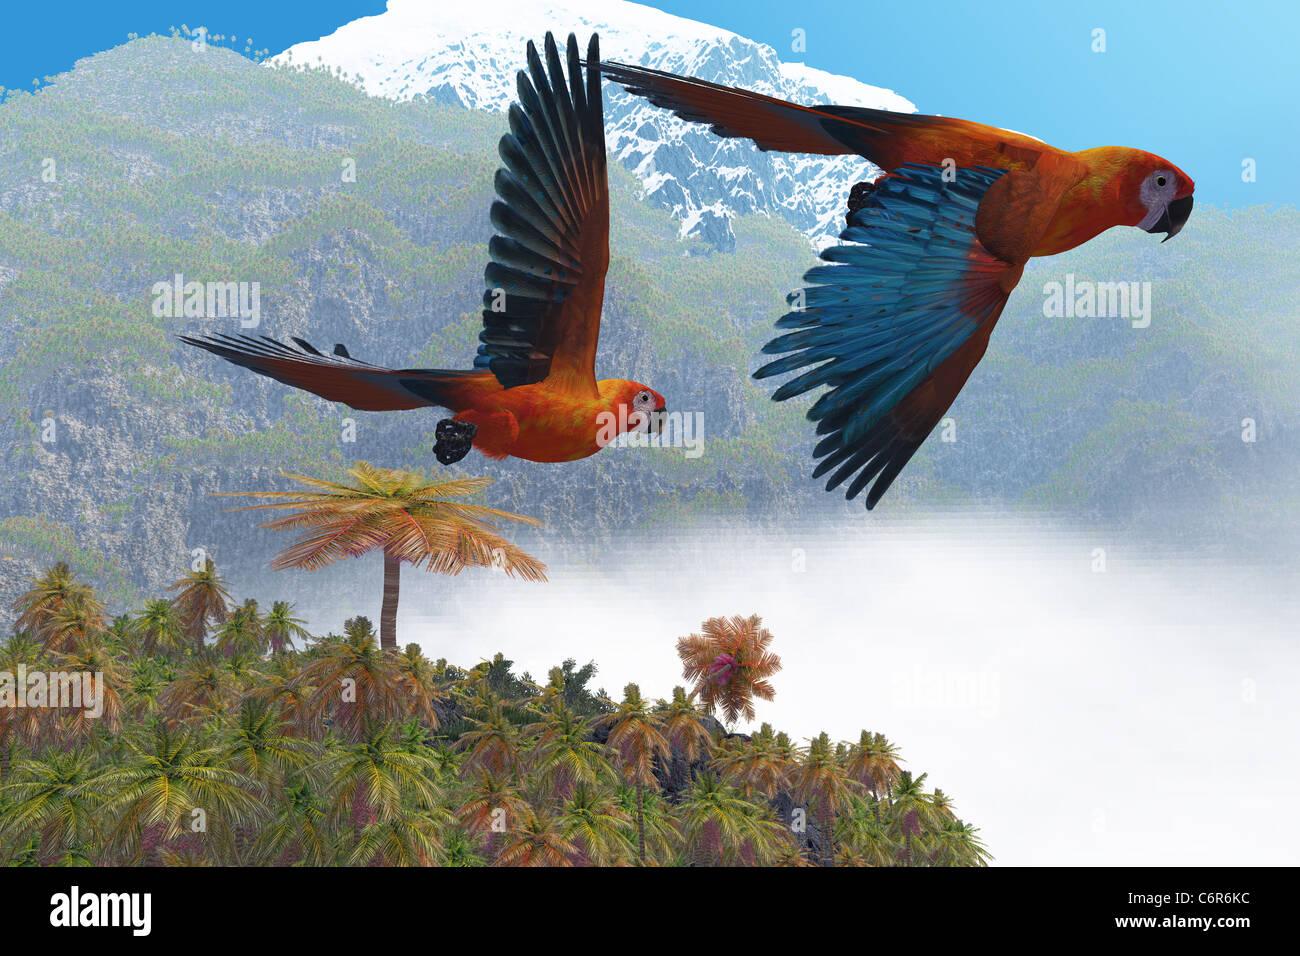 Zwei schöne Papageien fliegen gemeinsam in ihre Dschungel-Paradies. Stockfoto